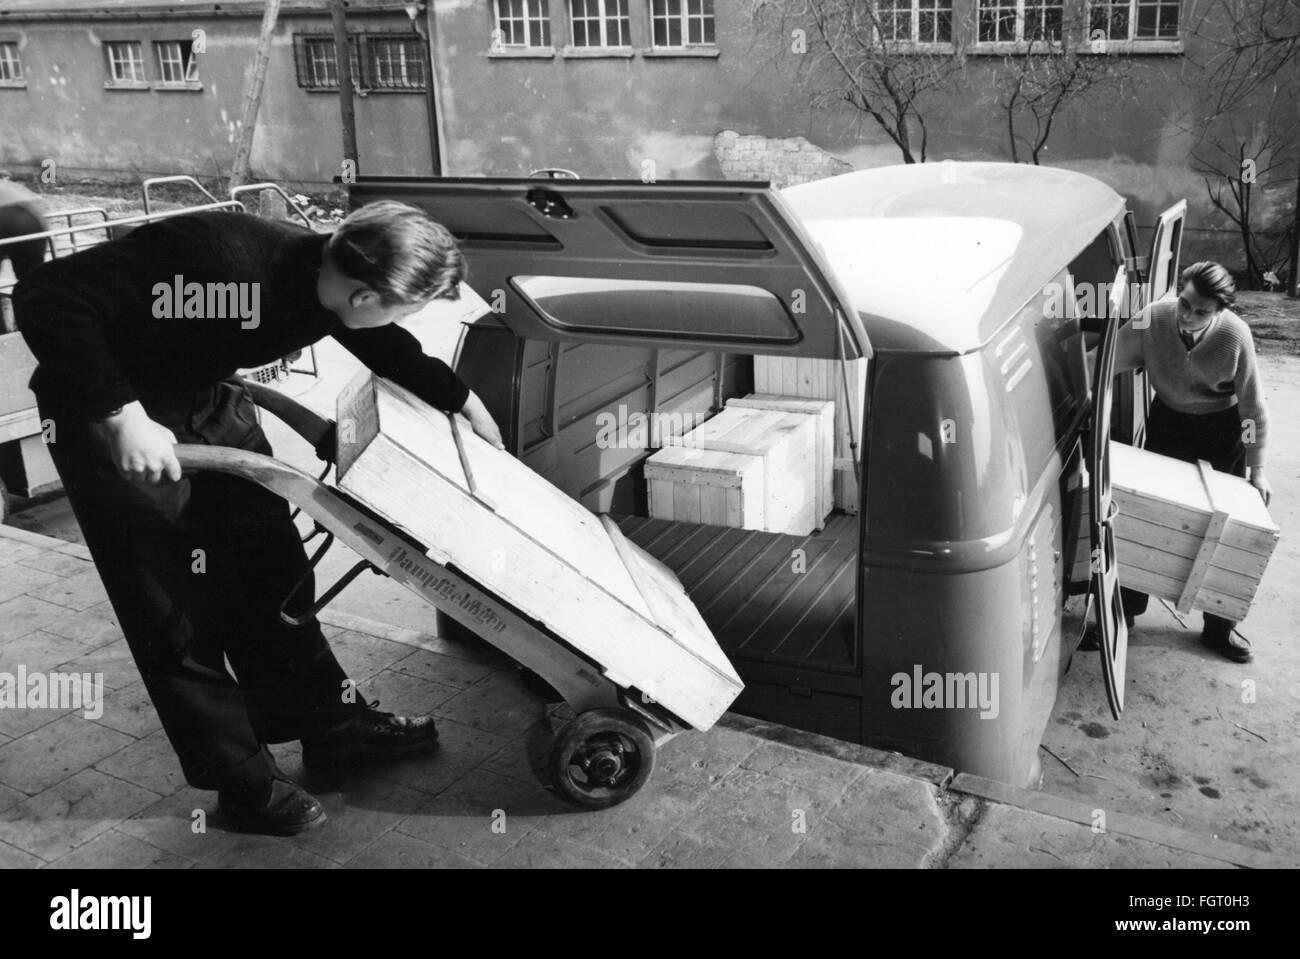 transport / transportation, car, vehicle variants, Volkswagen, transport workers loading VW van, 1960s, Additional - Stock Image